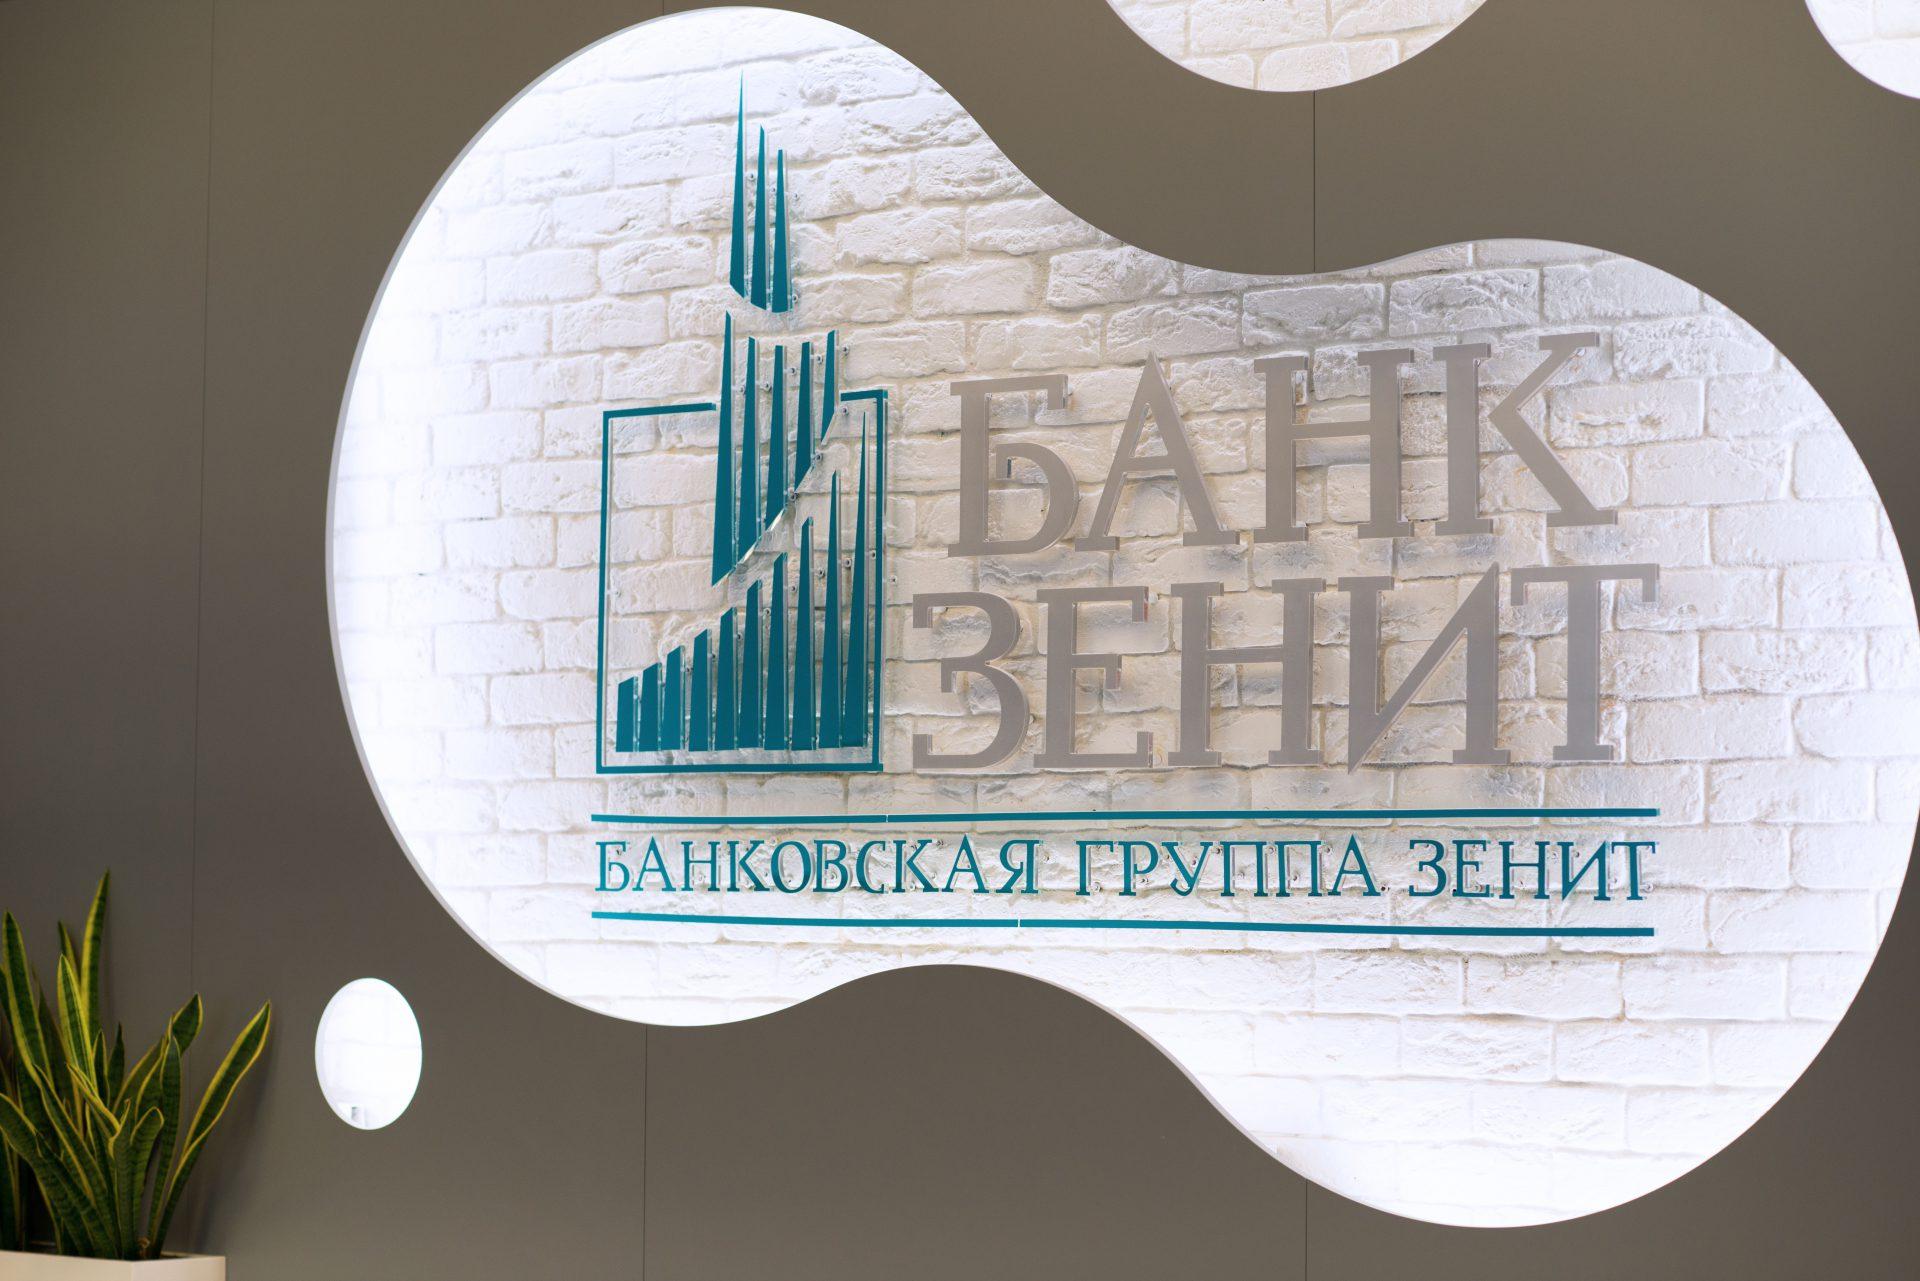 Фото интерьера банка Зенит. Детали